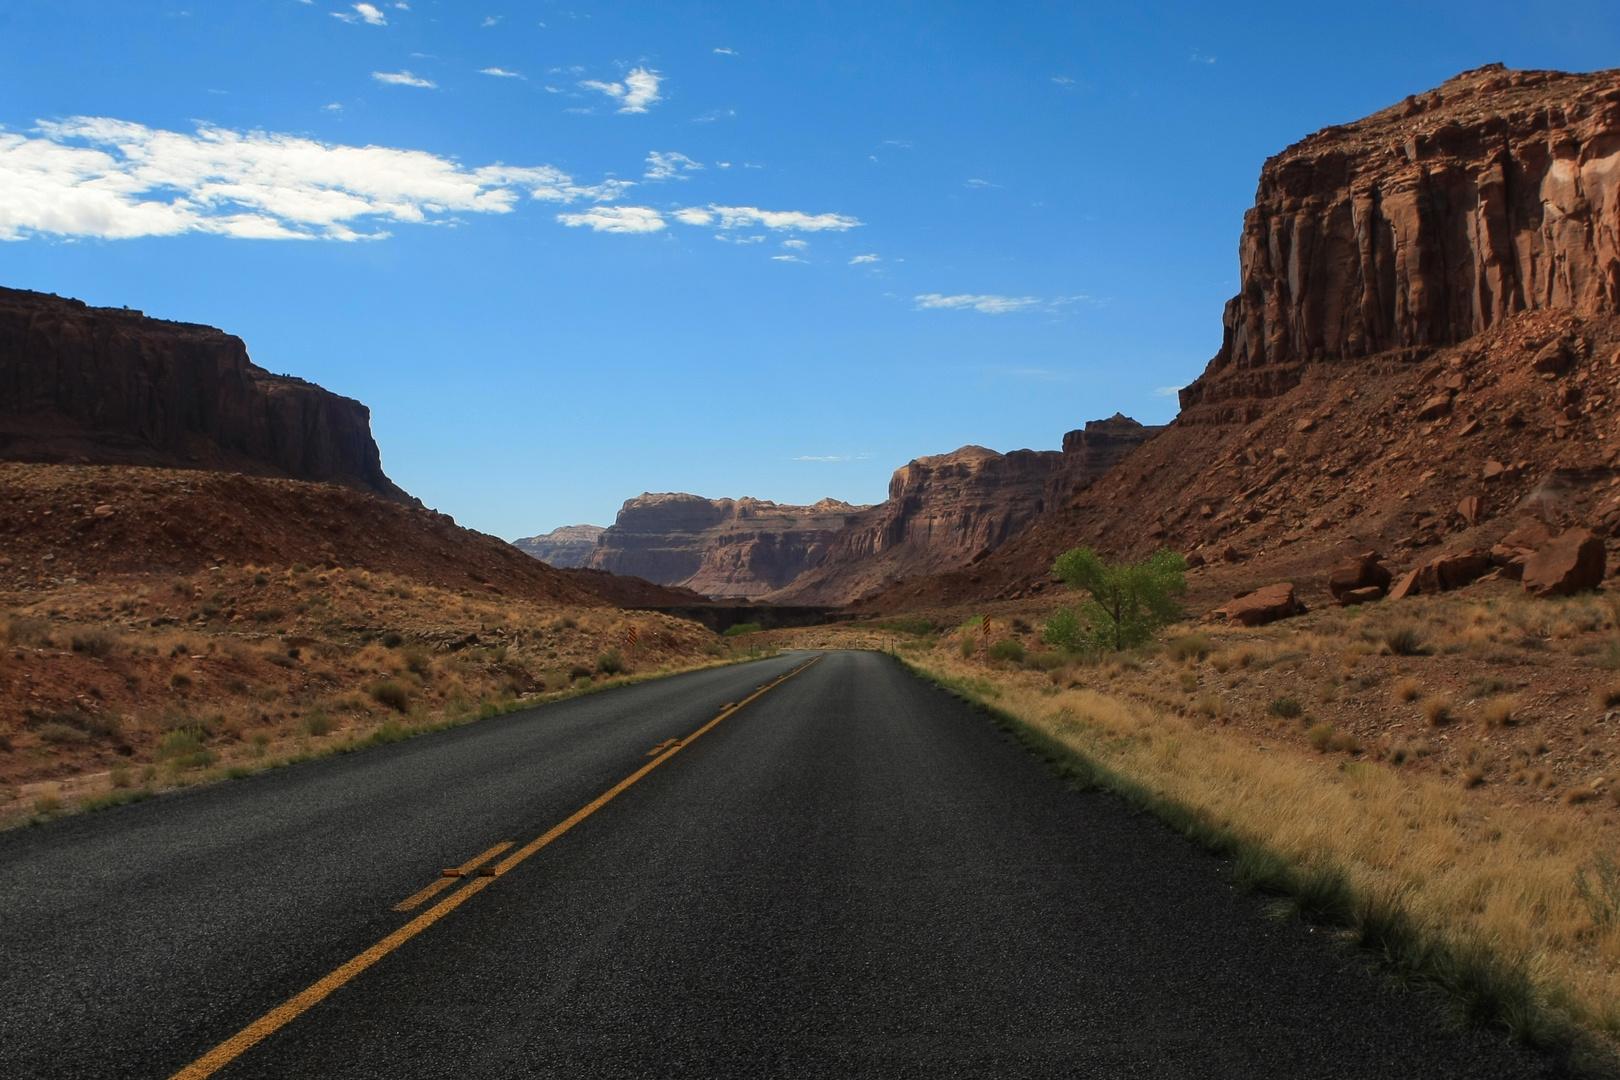 auf dem Weg nach Monument Valley